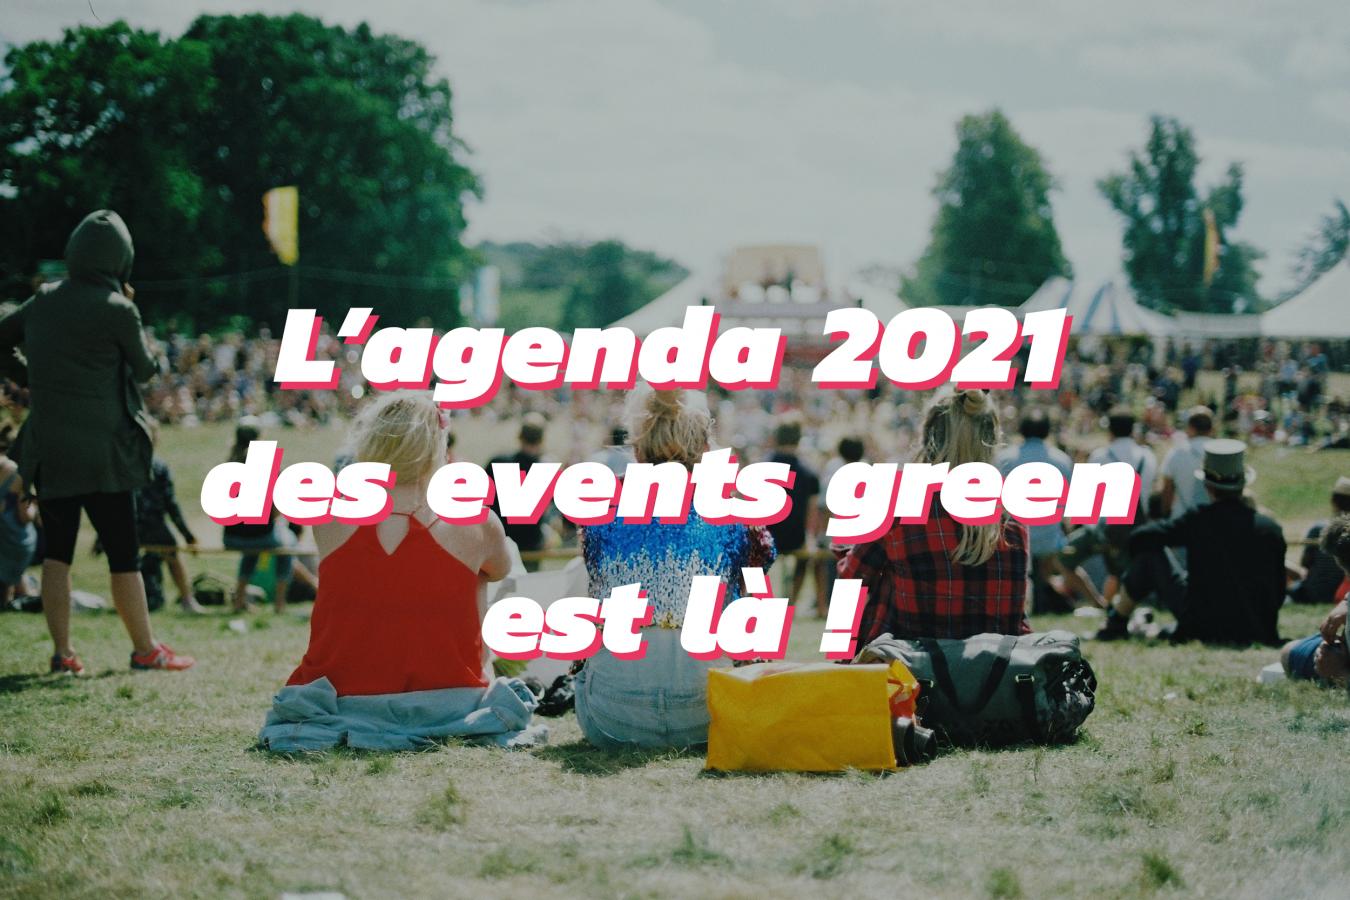 agenda des événements green 2021